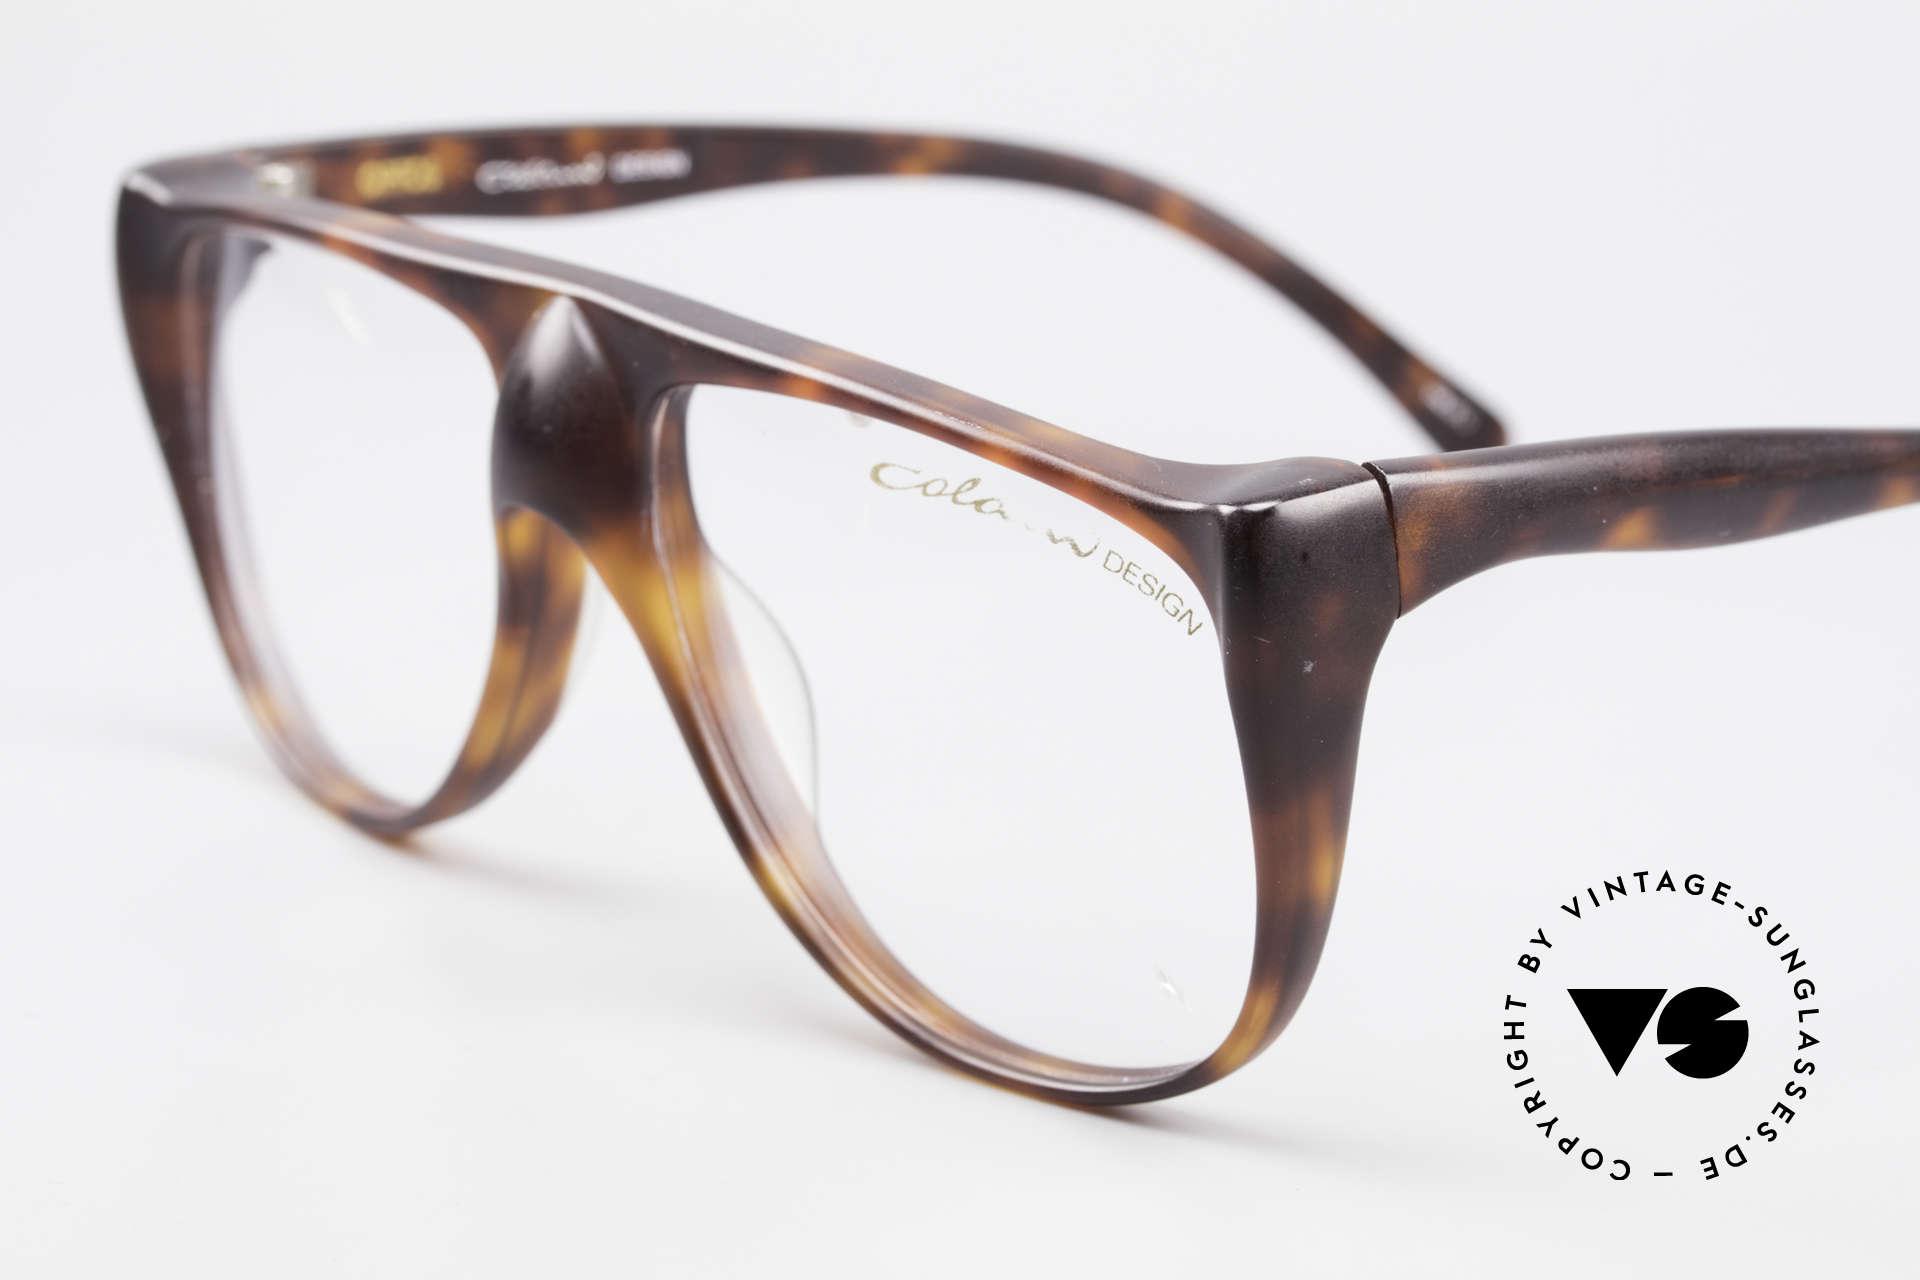 Colani 15-331 Schwungvolle Vintage Brille, natürlich ungetragen (wie alle unsere Colani Brillen), Passend für Herren